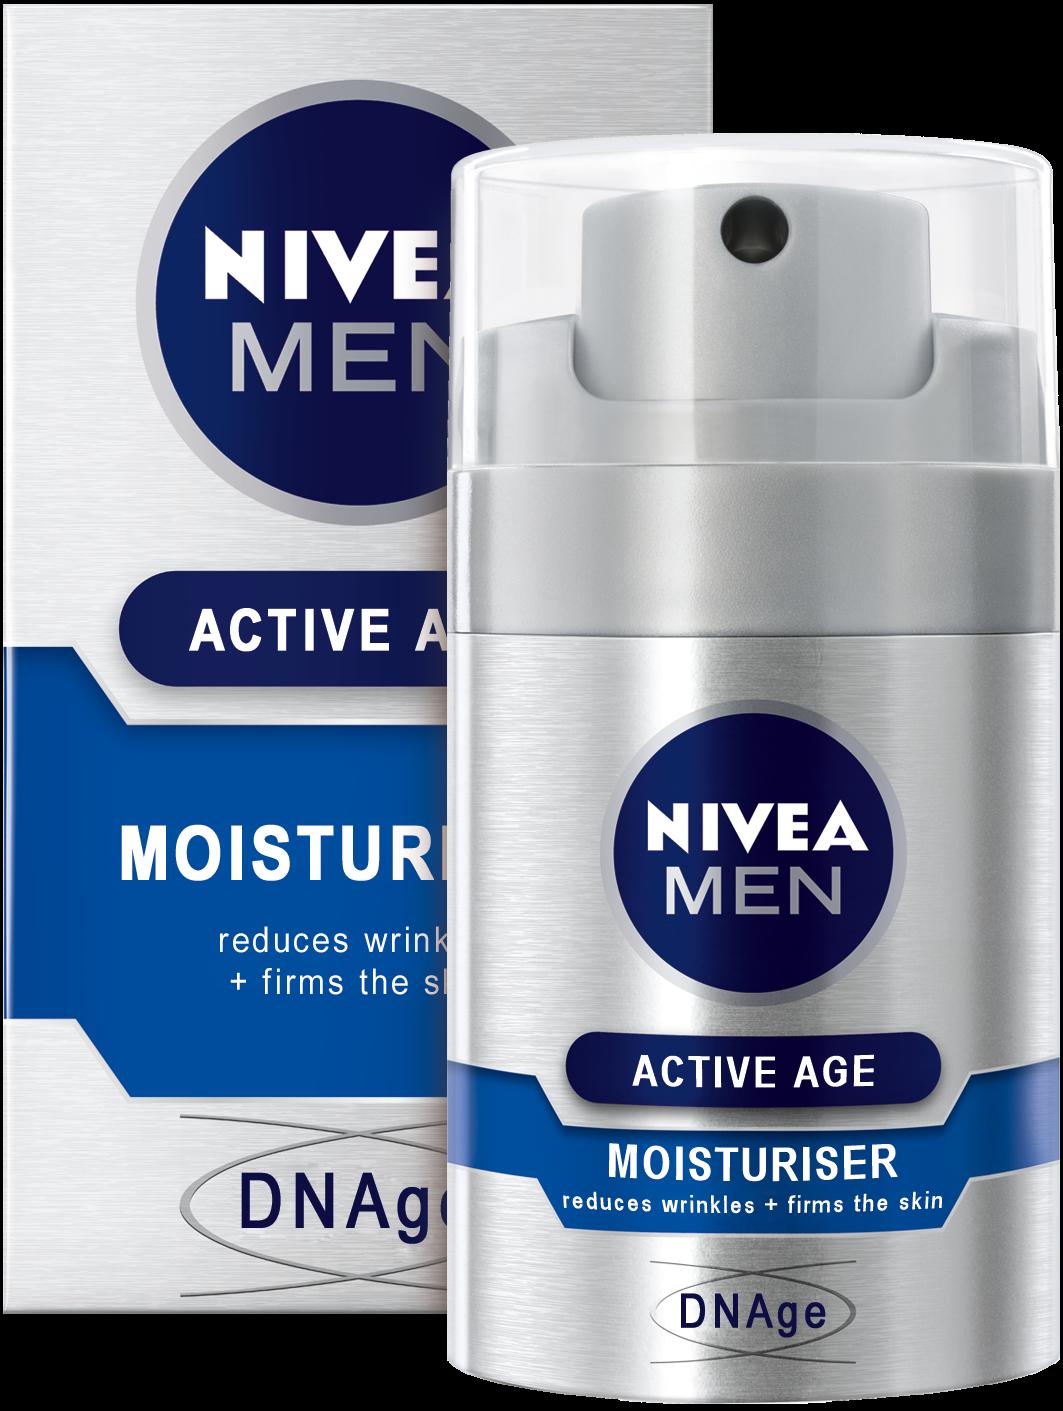 Κρέμα Αντιγήρανσης για Άνδρες DNAge Nivea Men (50 ml)